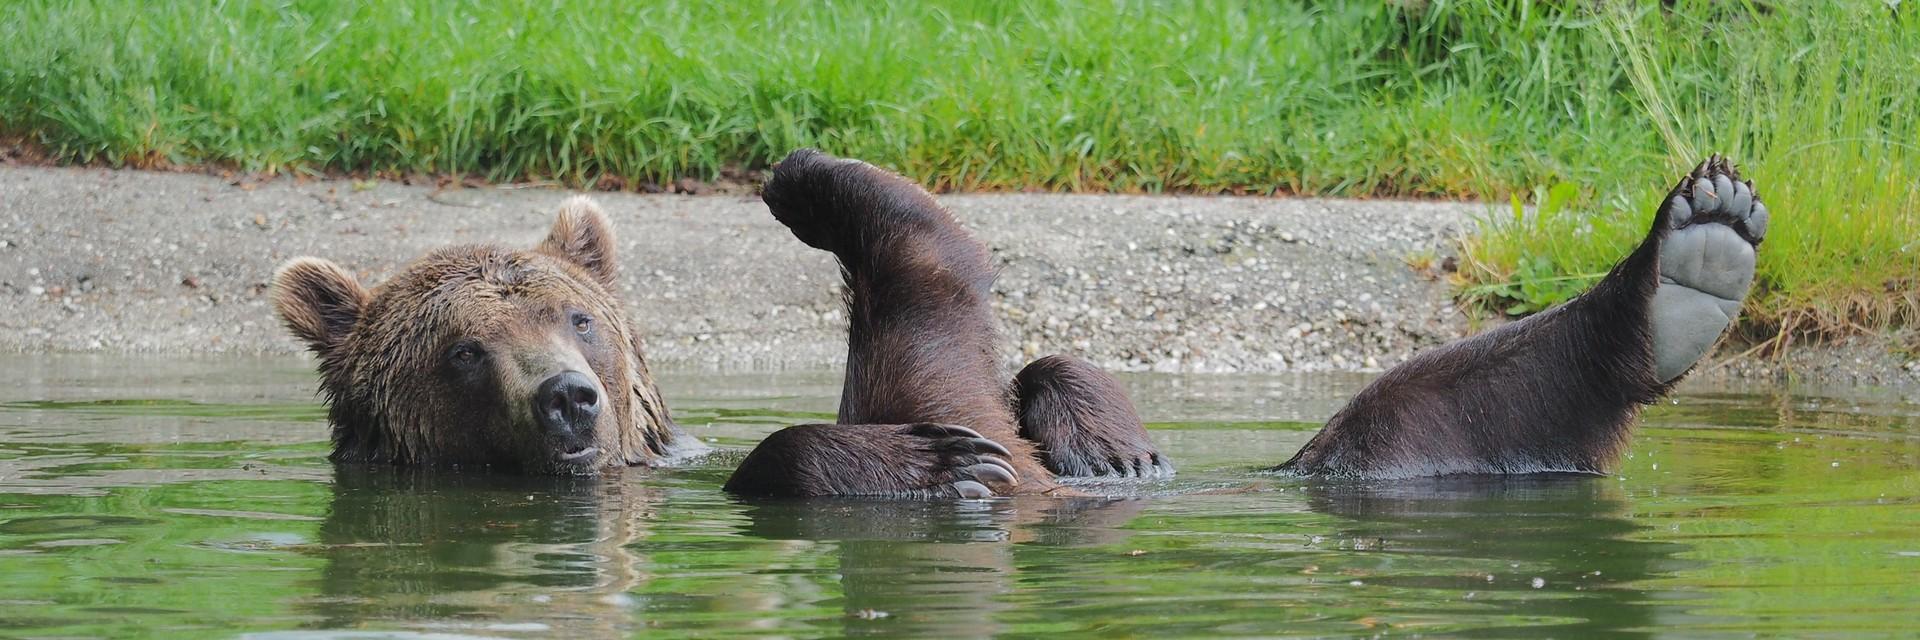 Braunbär Erich im Teich, streckt Beine in die Luft